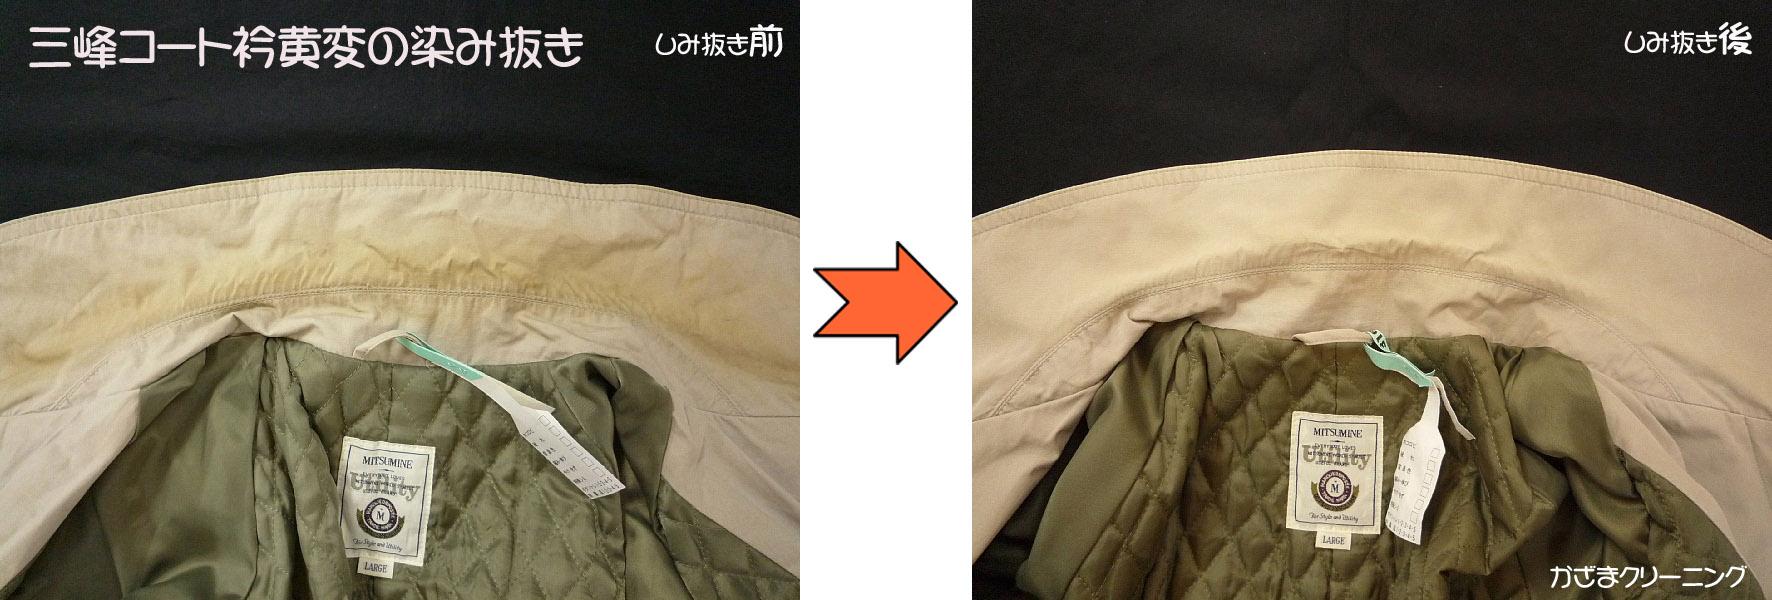 三峰コート衿黄変の染み抜き